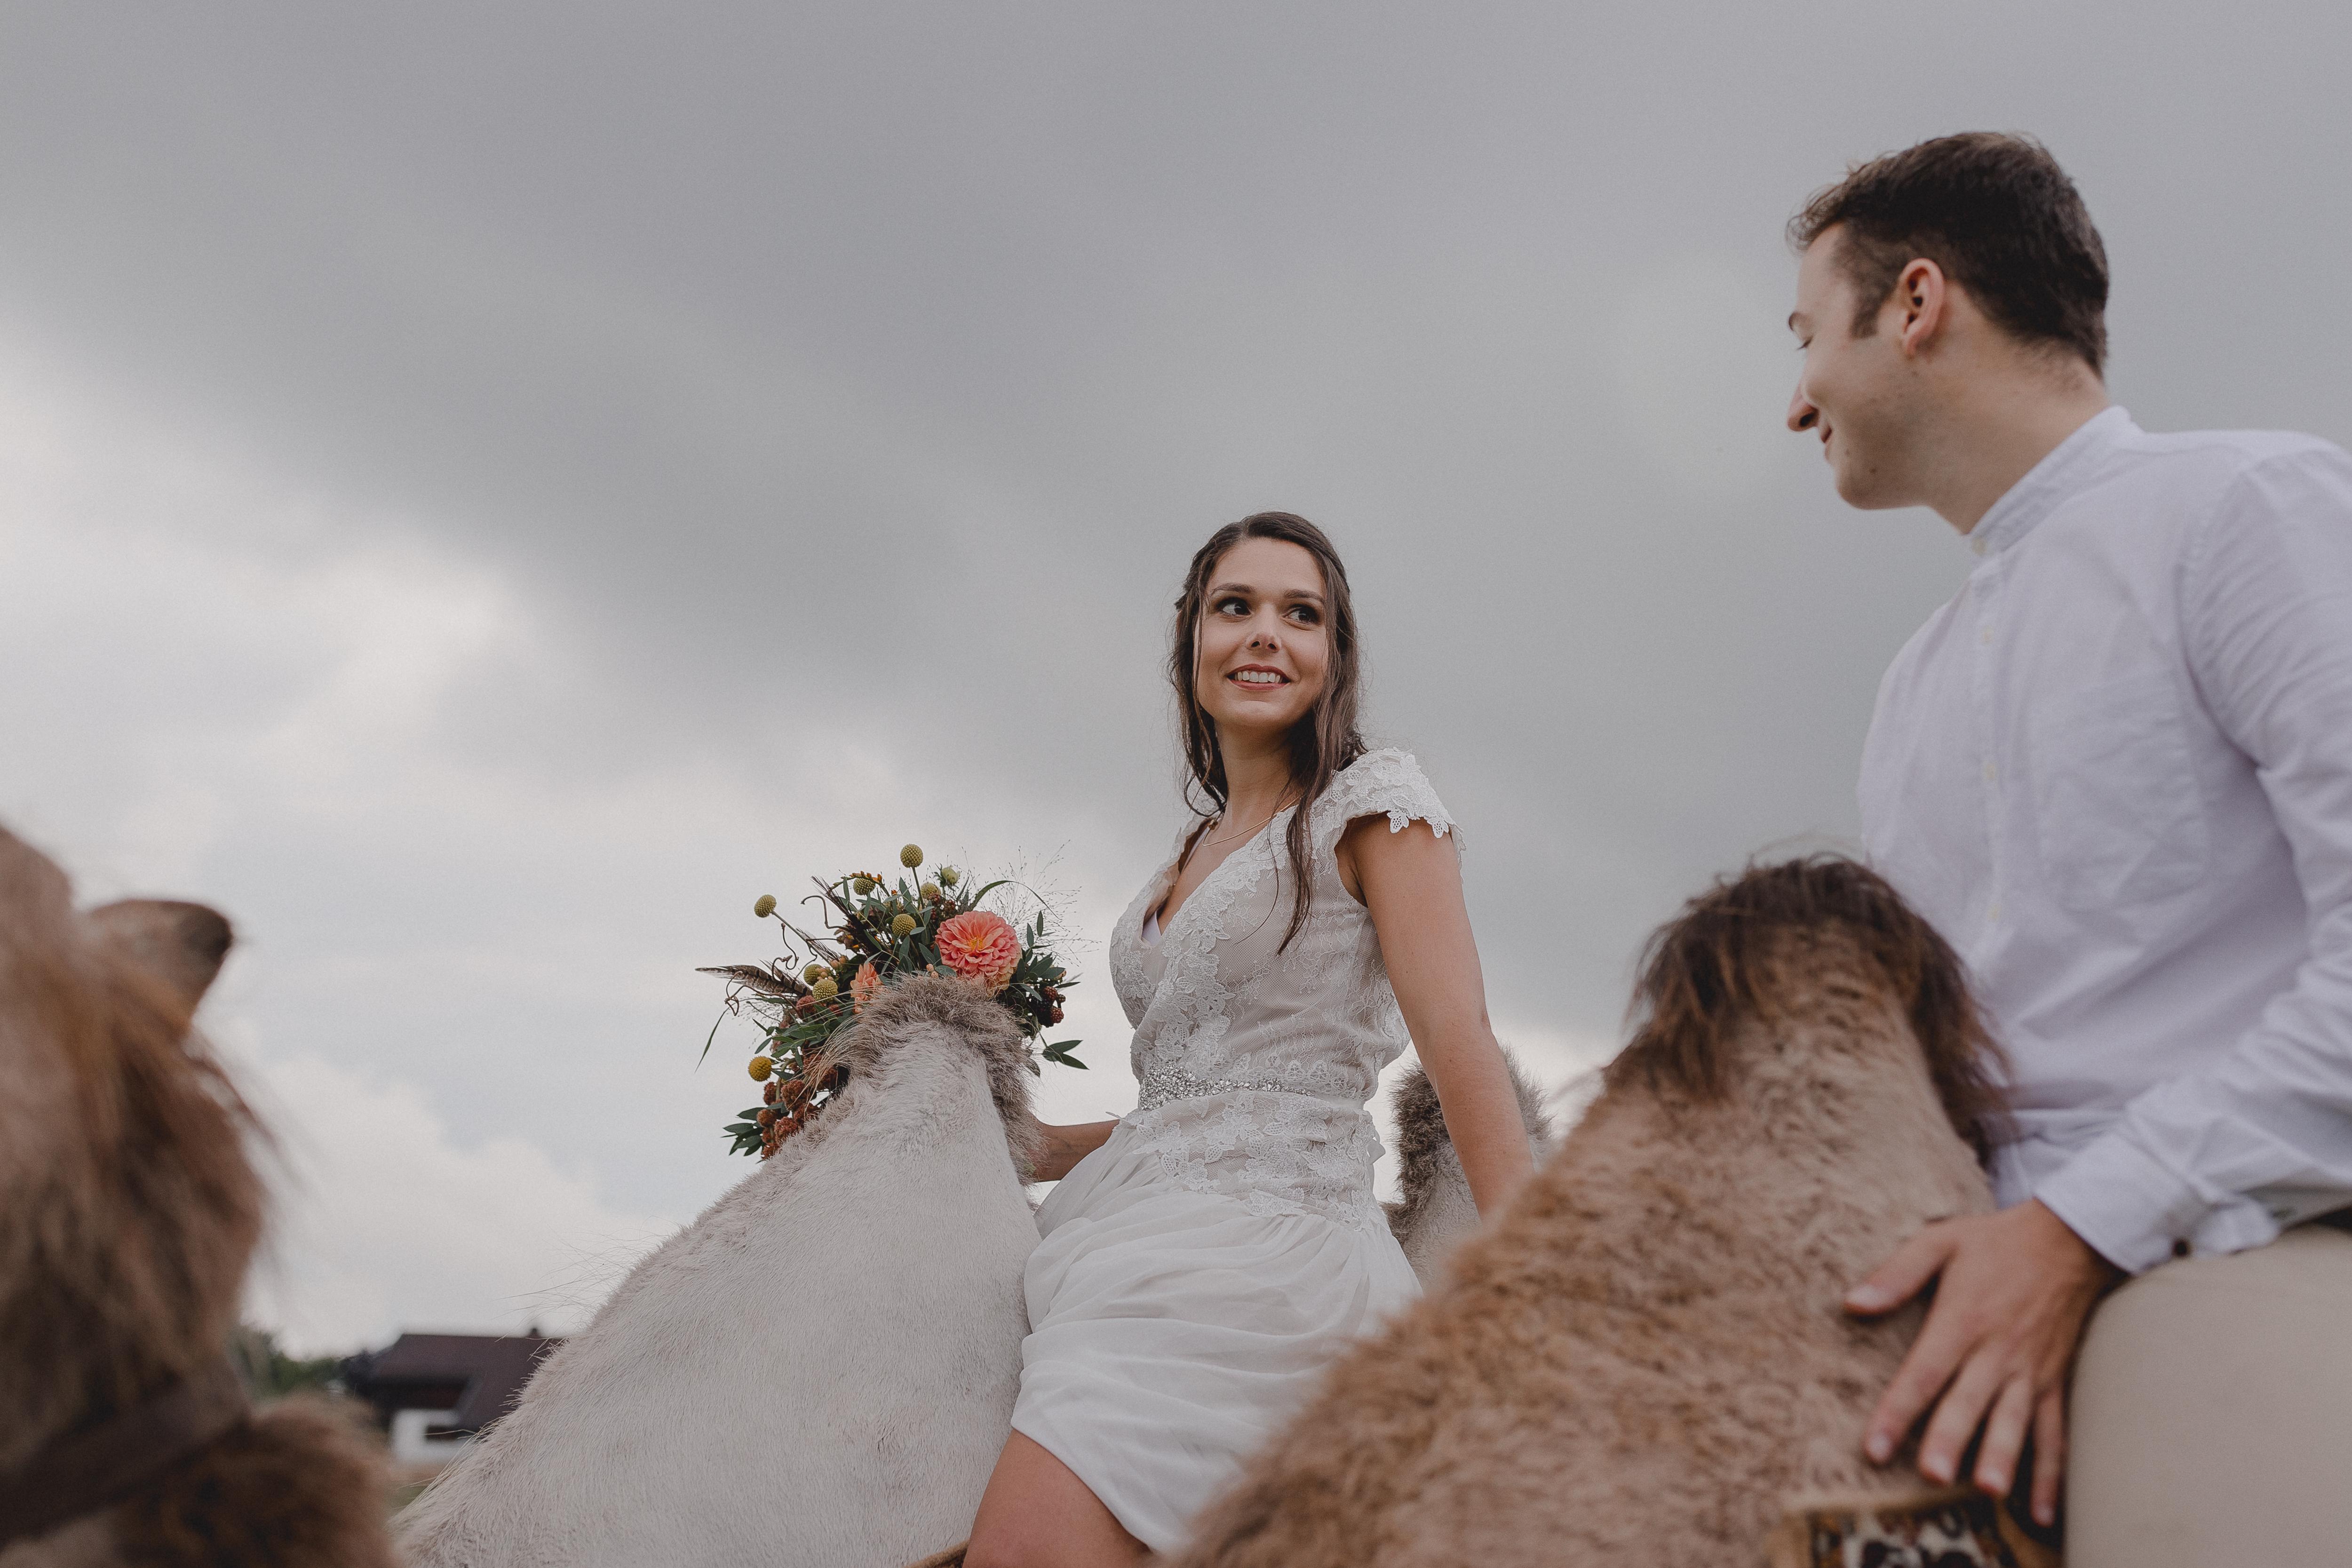 URBANERIE_Daniela_Goth_Vintage_Hochzeitsfotografin_Nuernberg_Fuerth_Erlangen_180721_0197